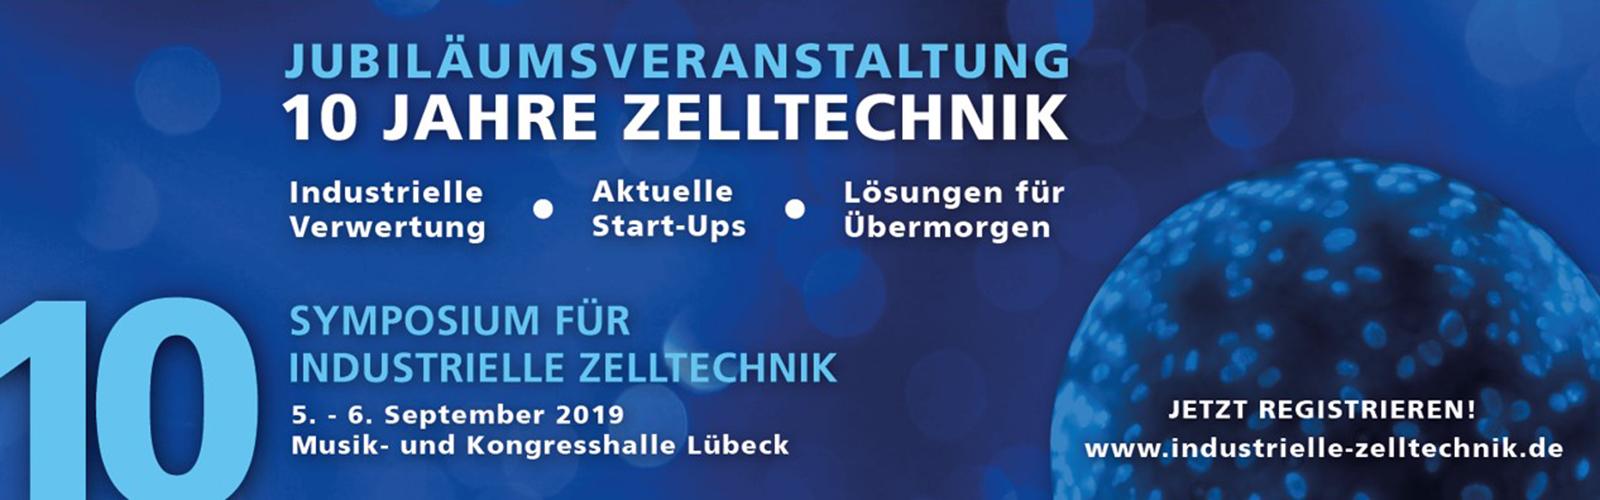 10. Symposium für Industrielle Zelltechnik @ Musik- und Kongresshalle Lübeck